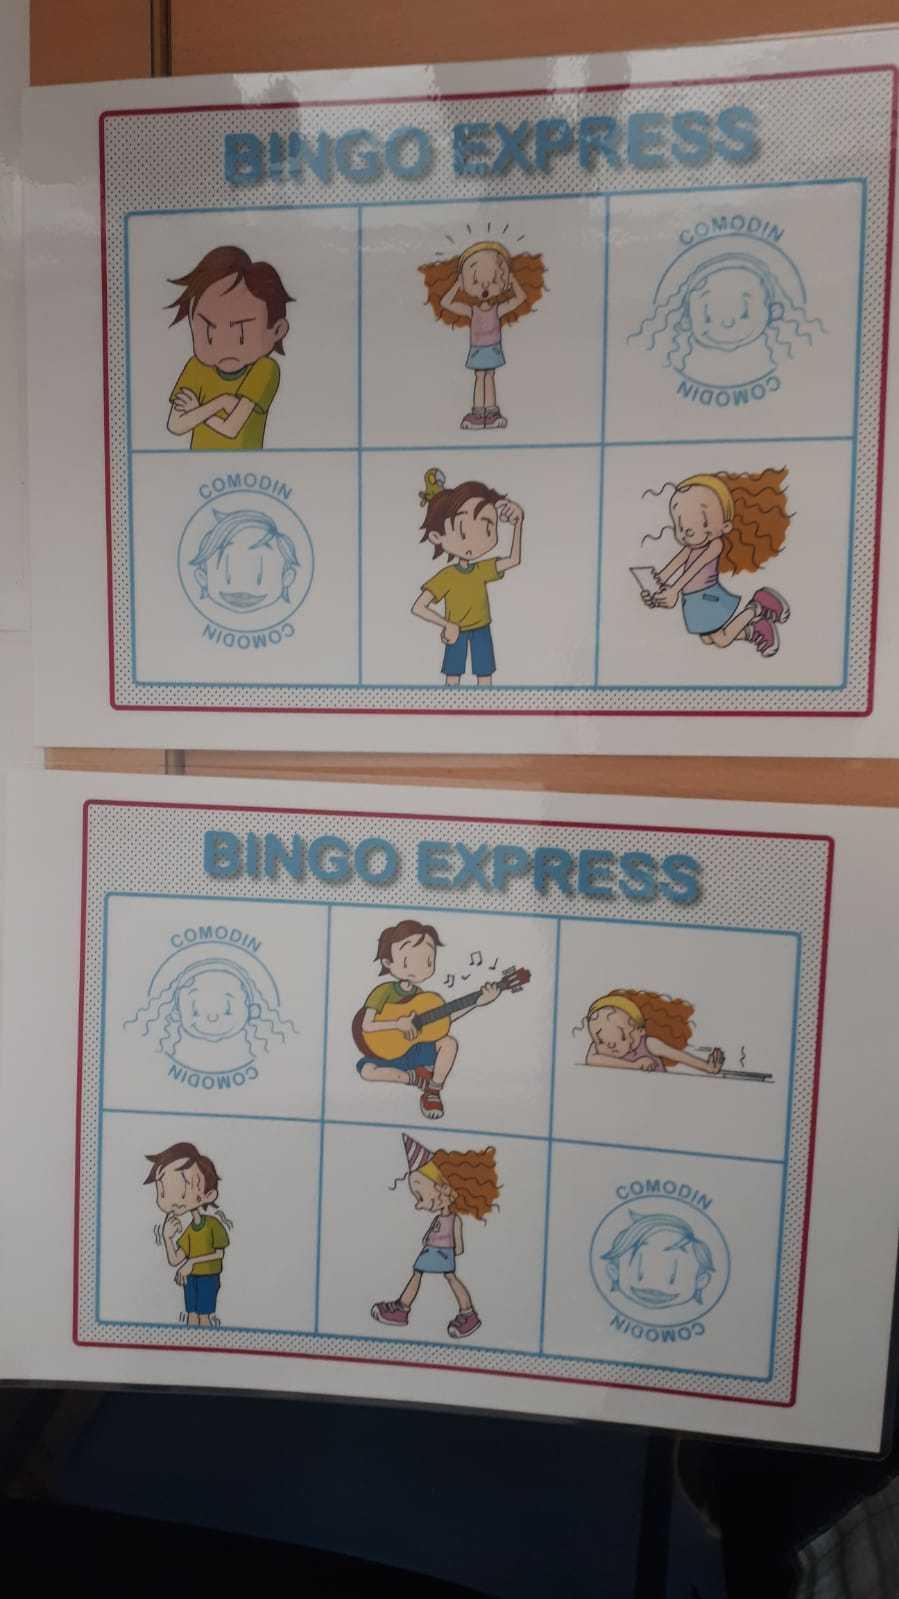 Bingo de emociones 2